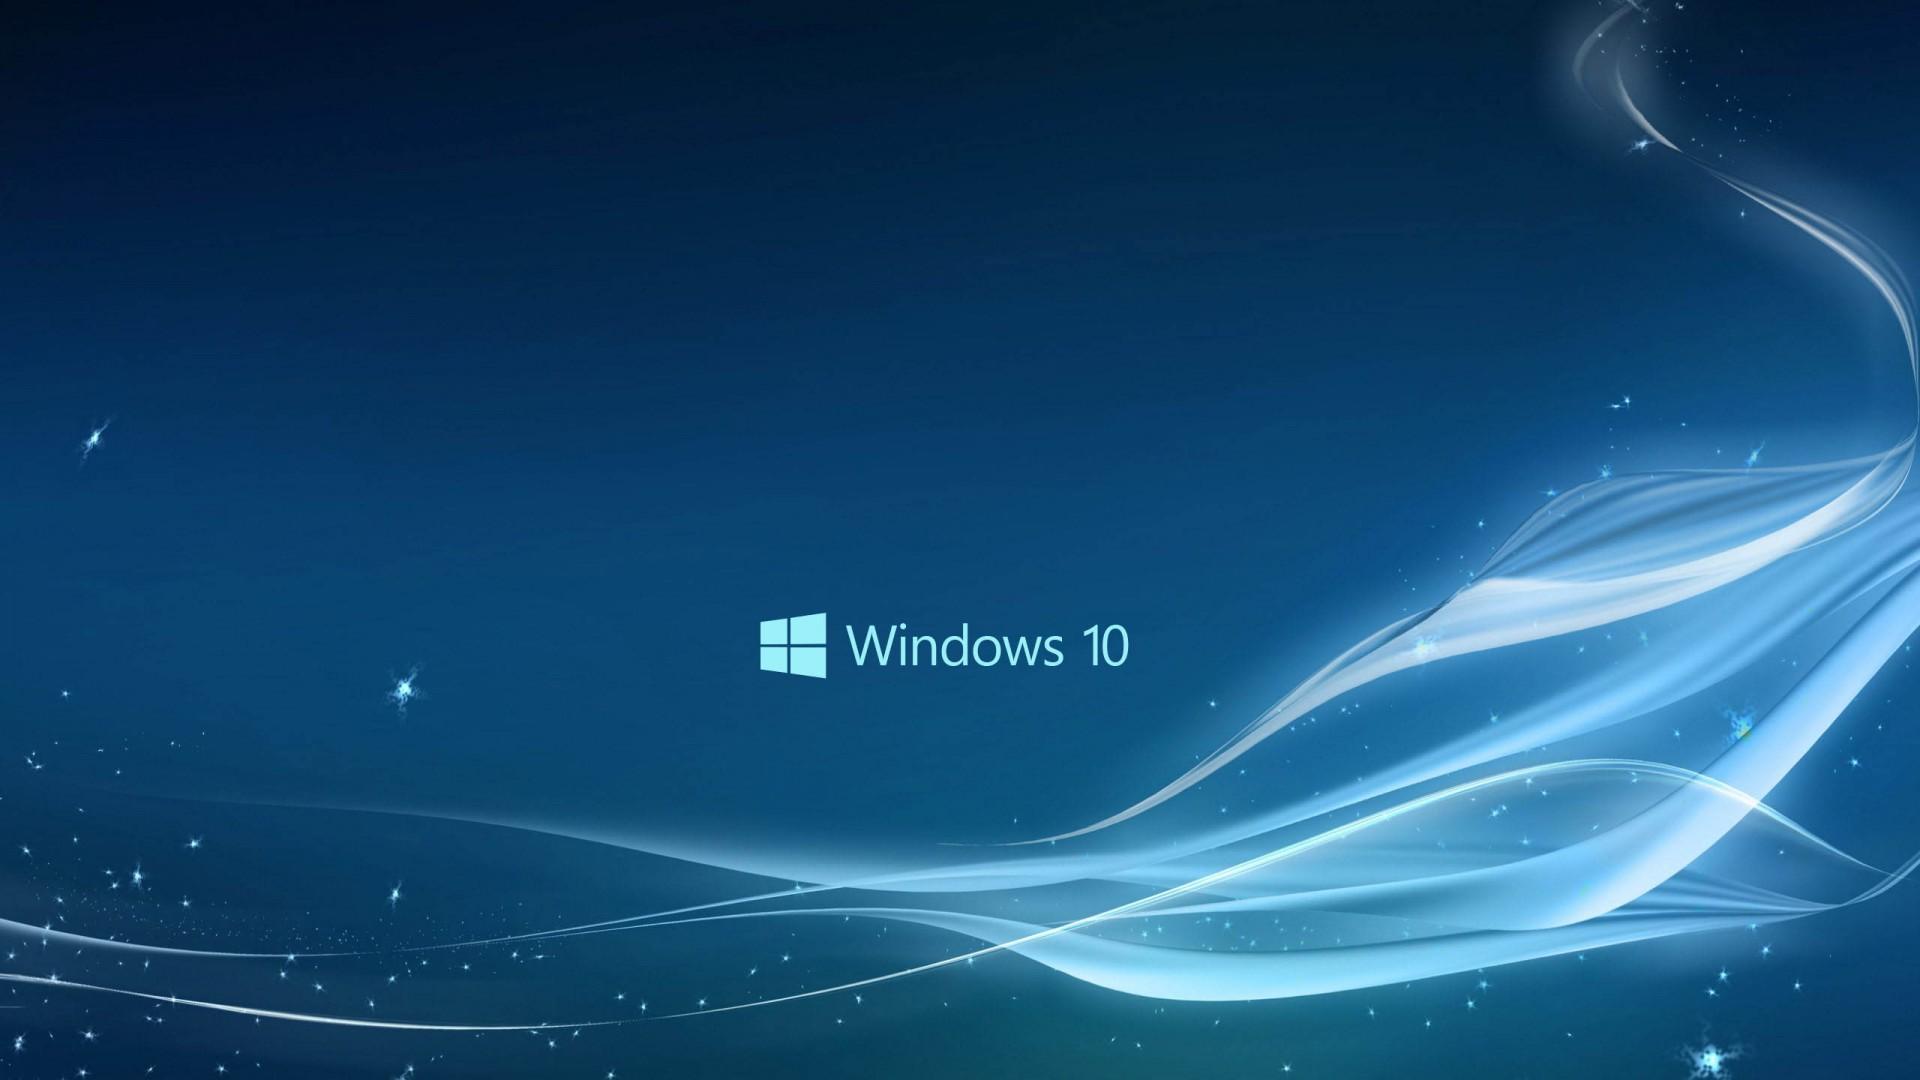 windows 10 gaming wallpapers wallpapersafari